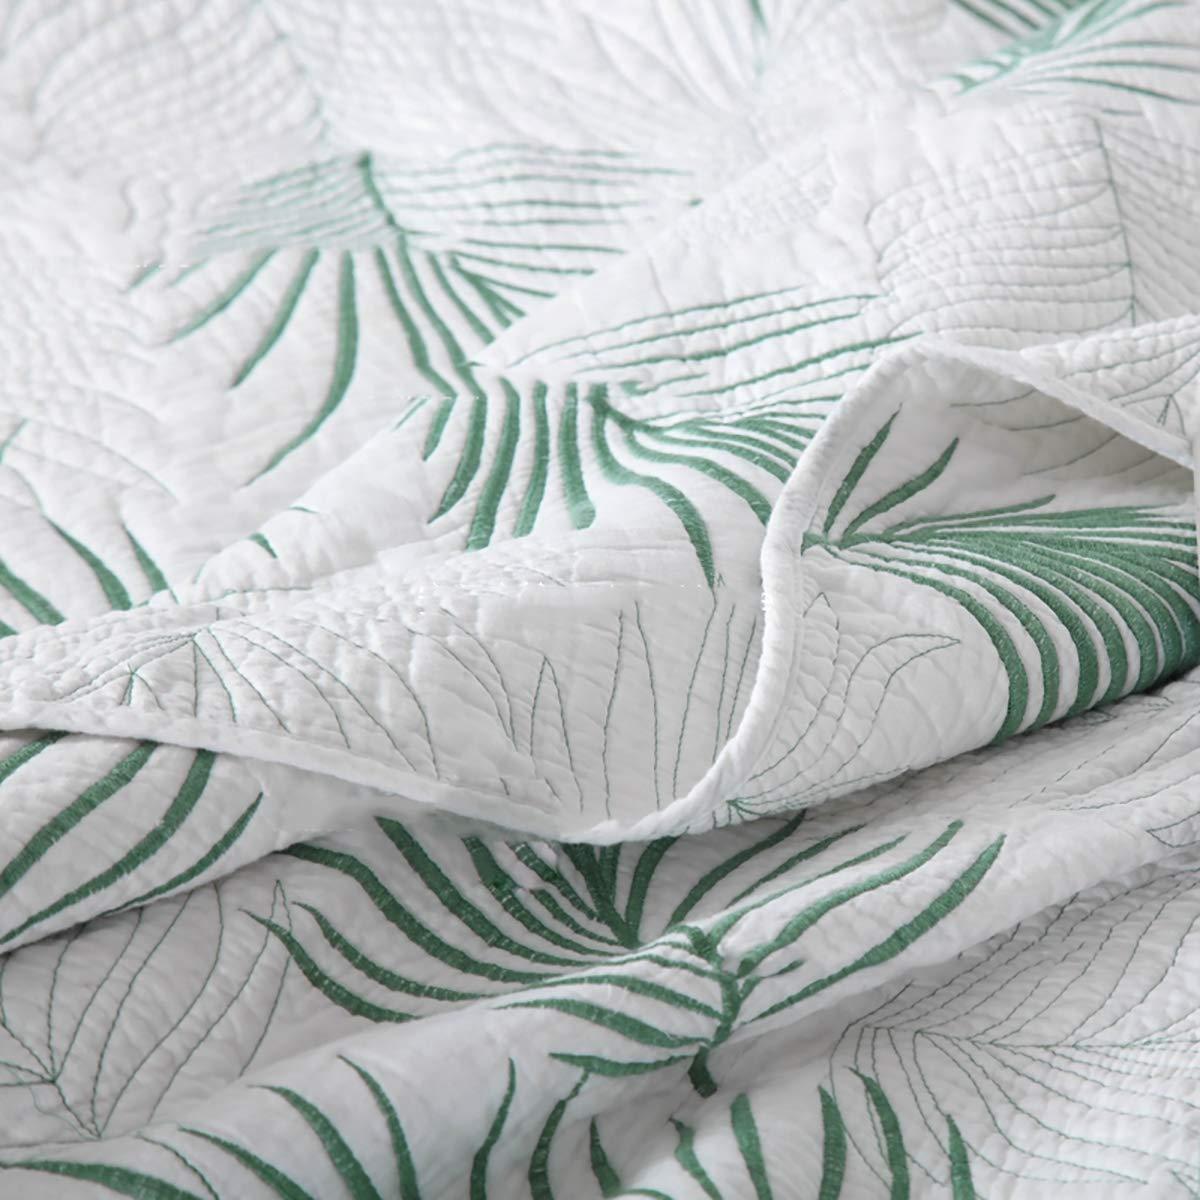 WDXN Couvre Lit Matelass/é Blanc 230 250Cm,Couvre Lit Boutis Feuille Verte Couvre-Lit D/ét/é Hypoallerg/énique en Trois Dimensions avec 2 Taies doreiller,White,230 250cm